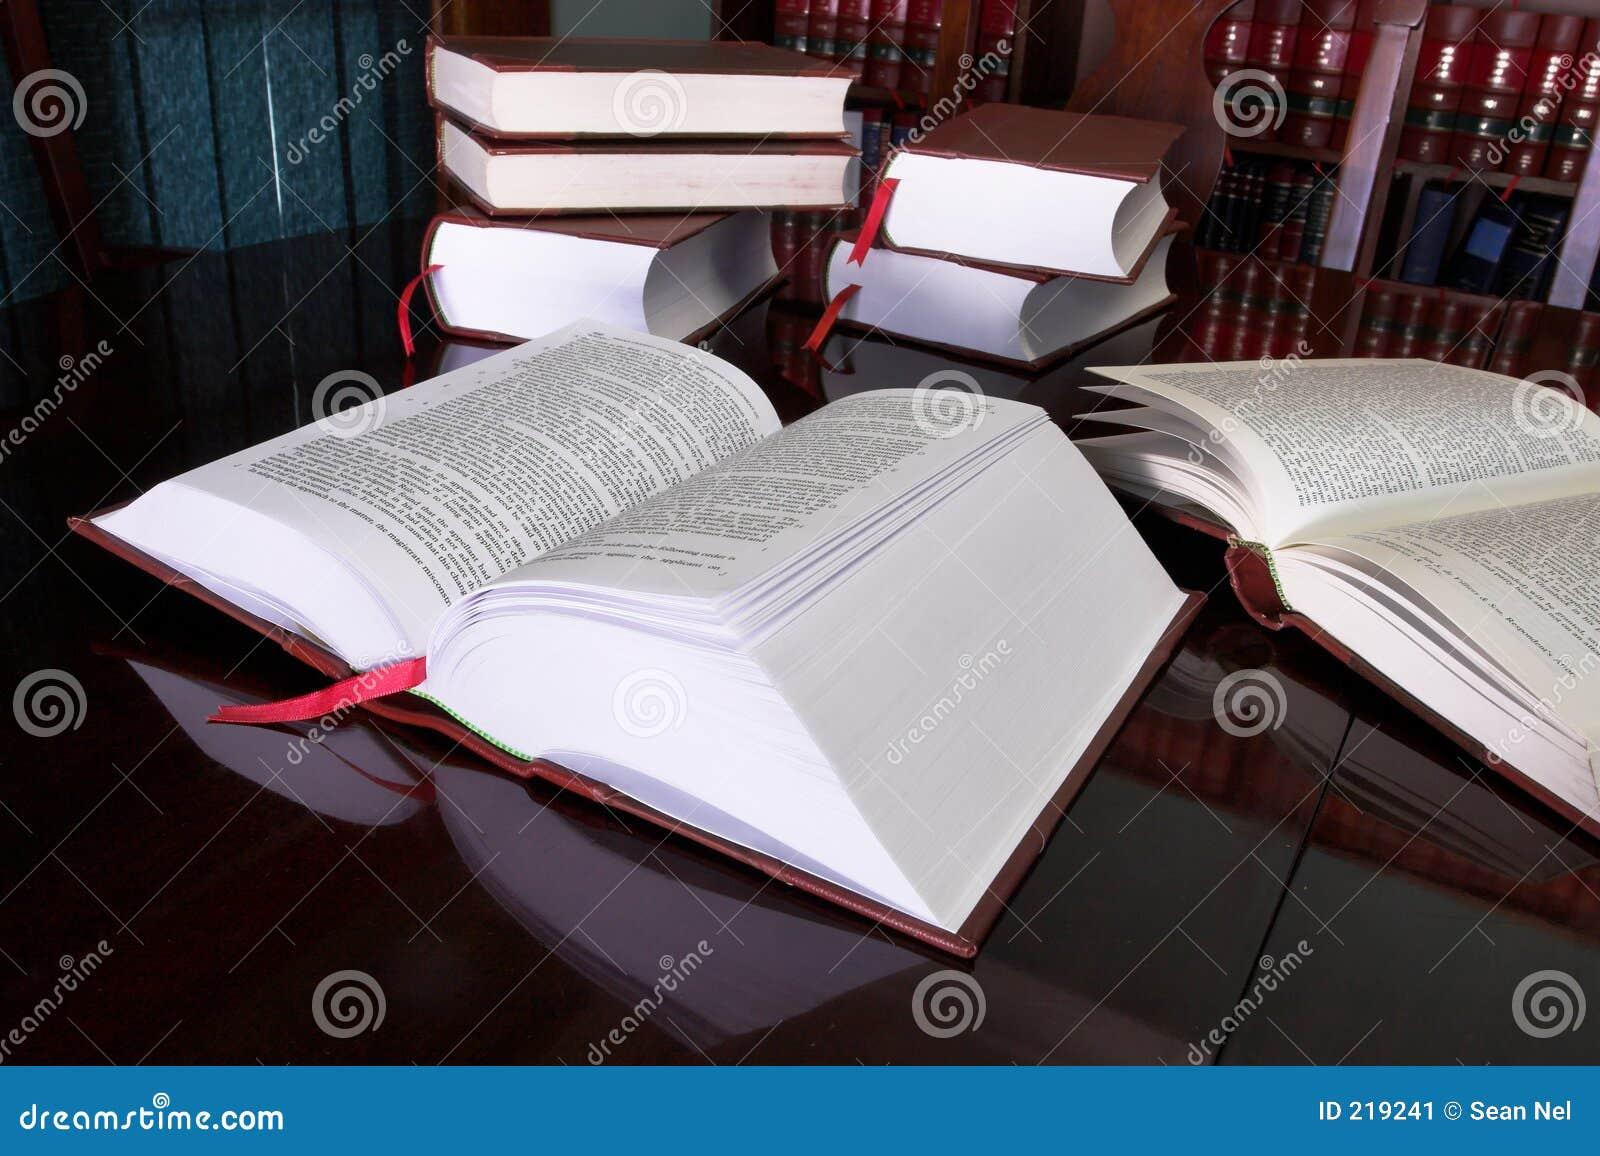 合法7本的书